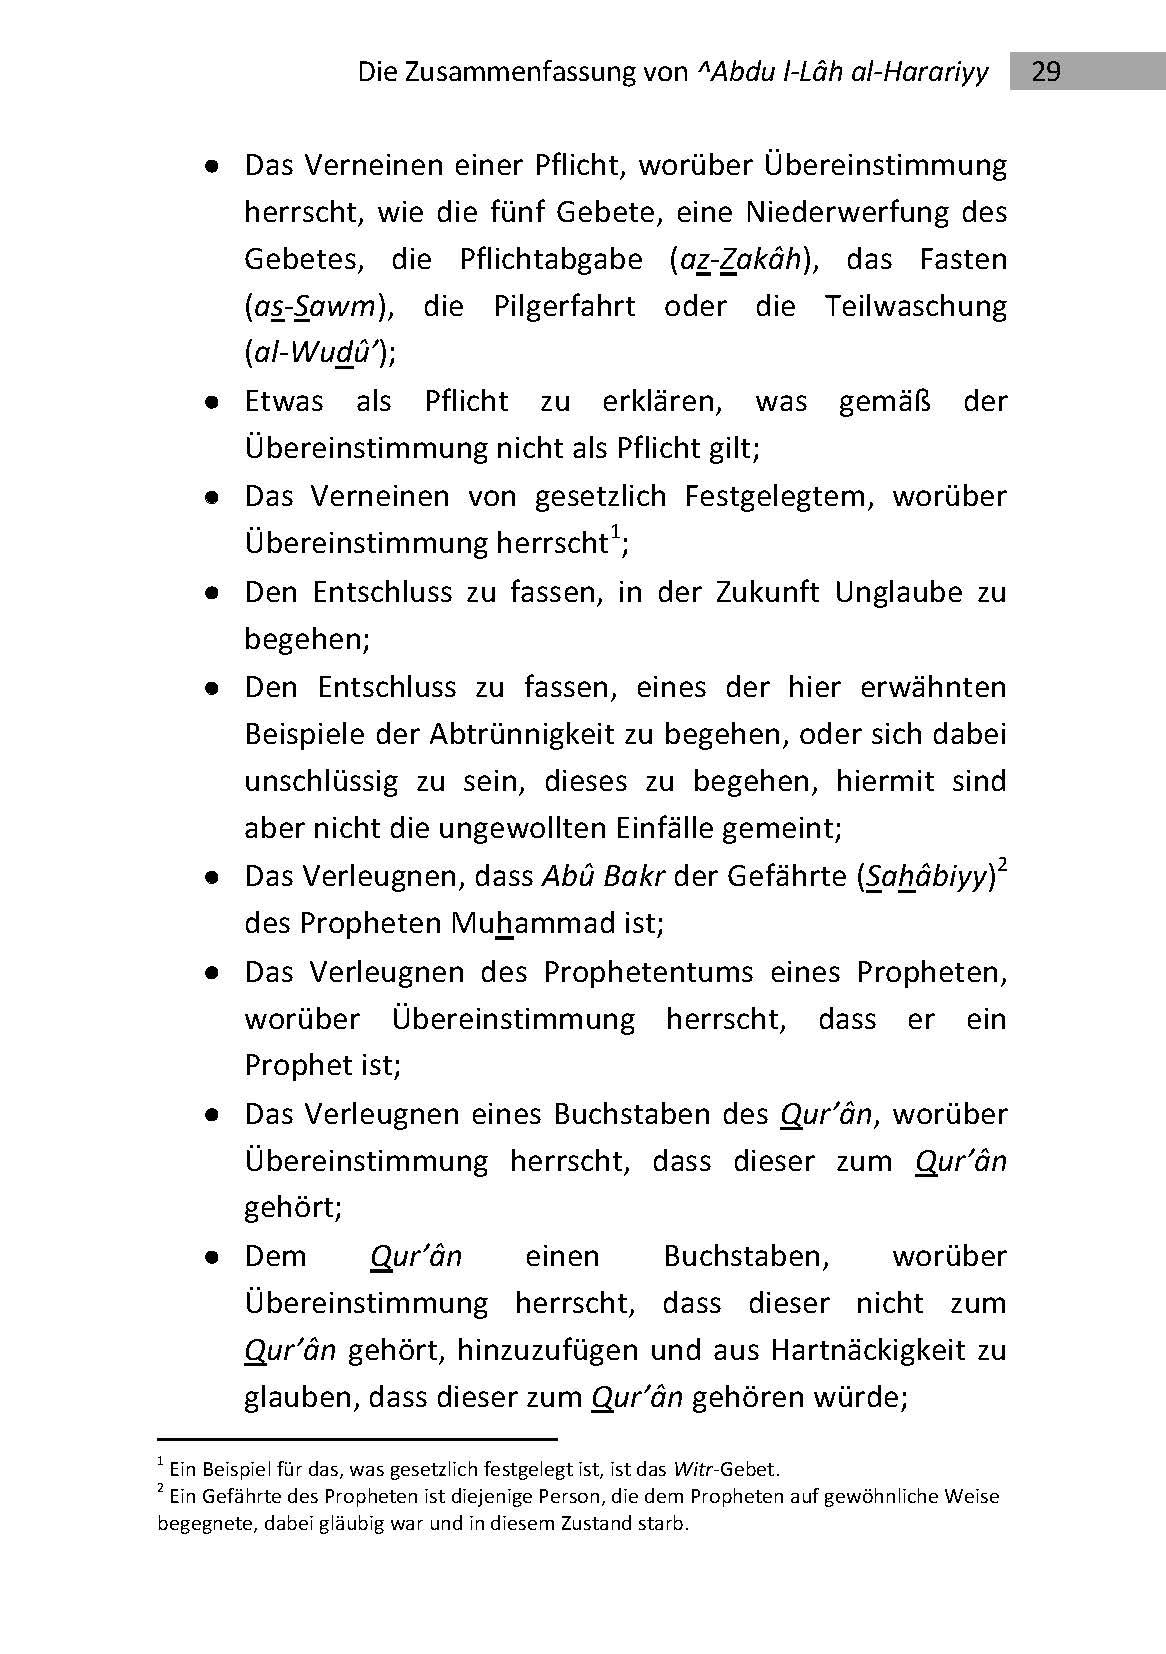 Die Zusammenfassung - 3. Auflage 2014_Seite_29